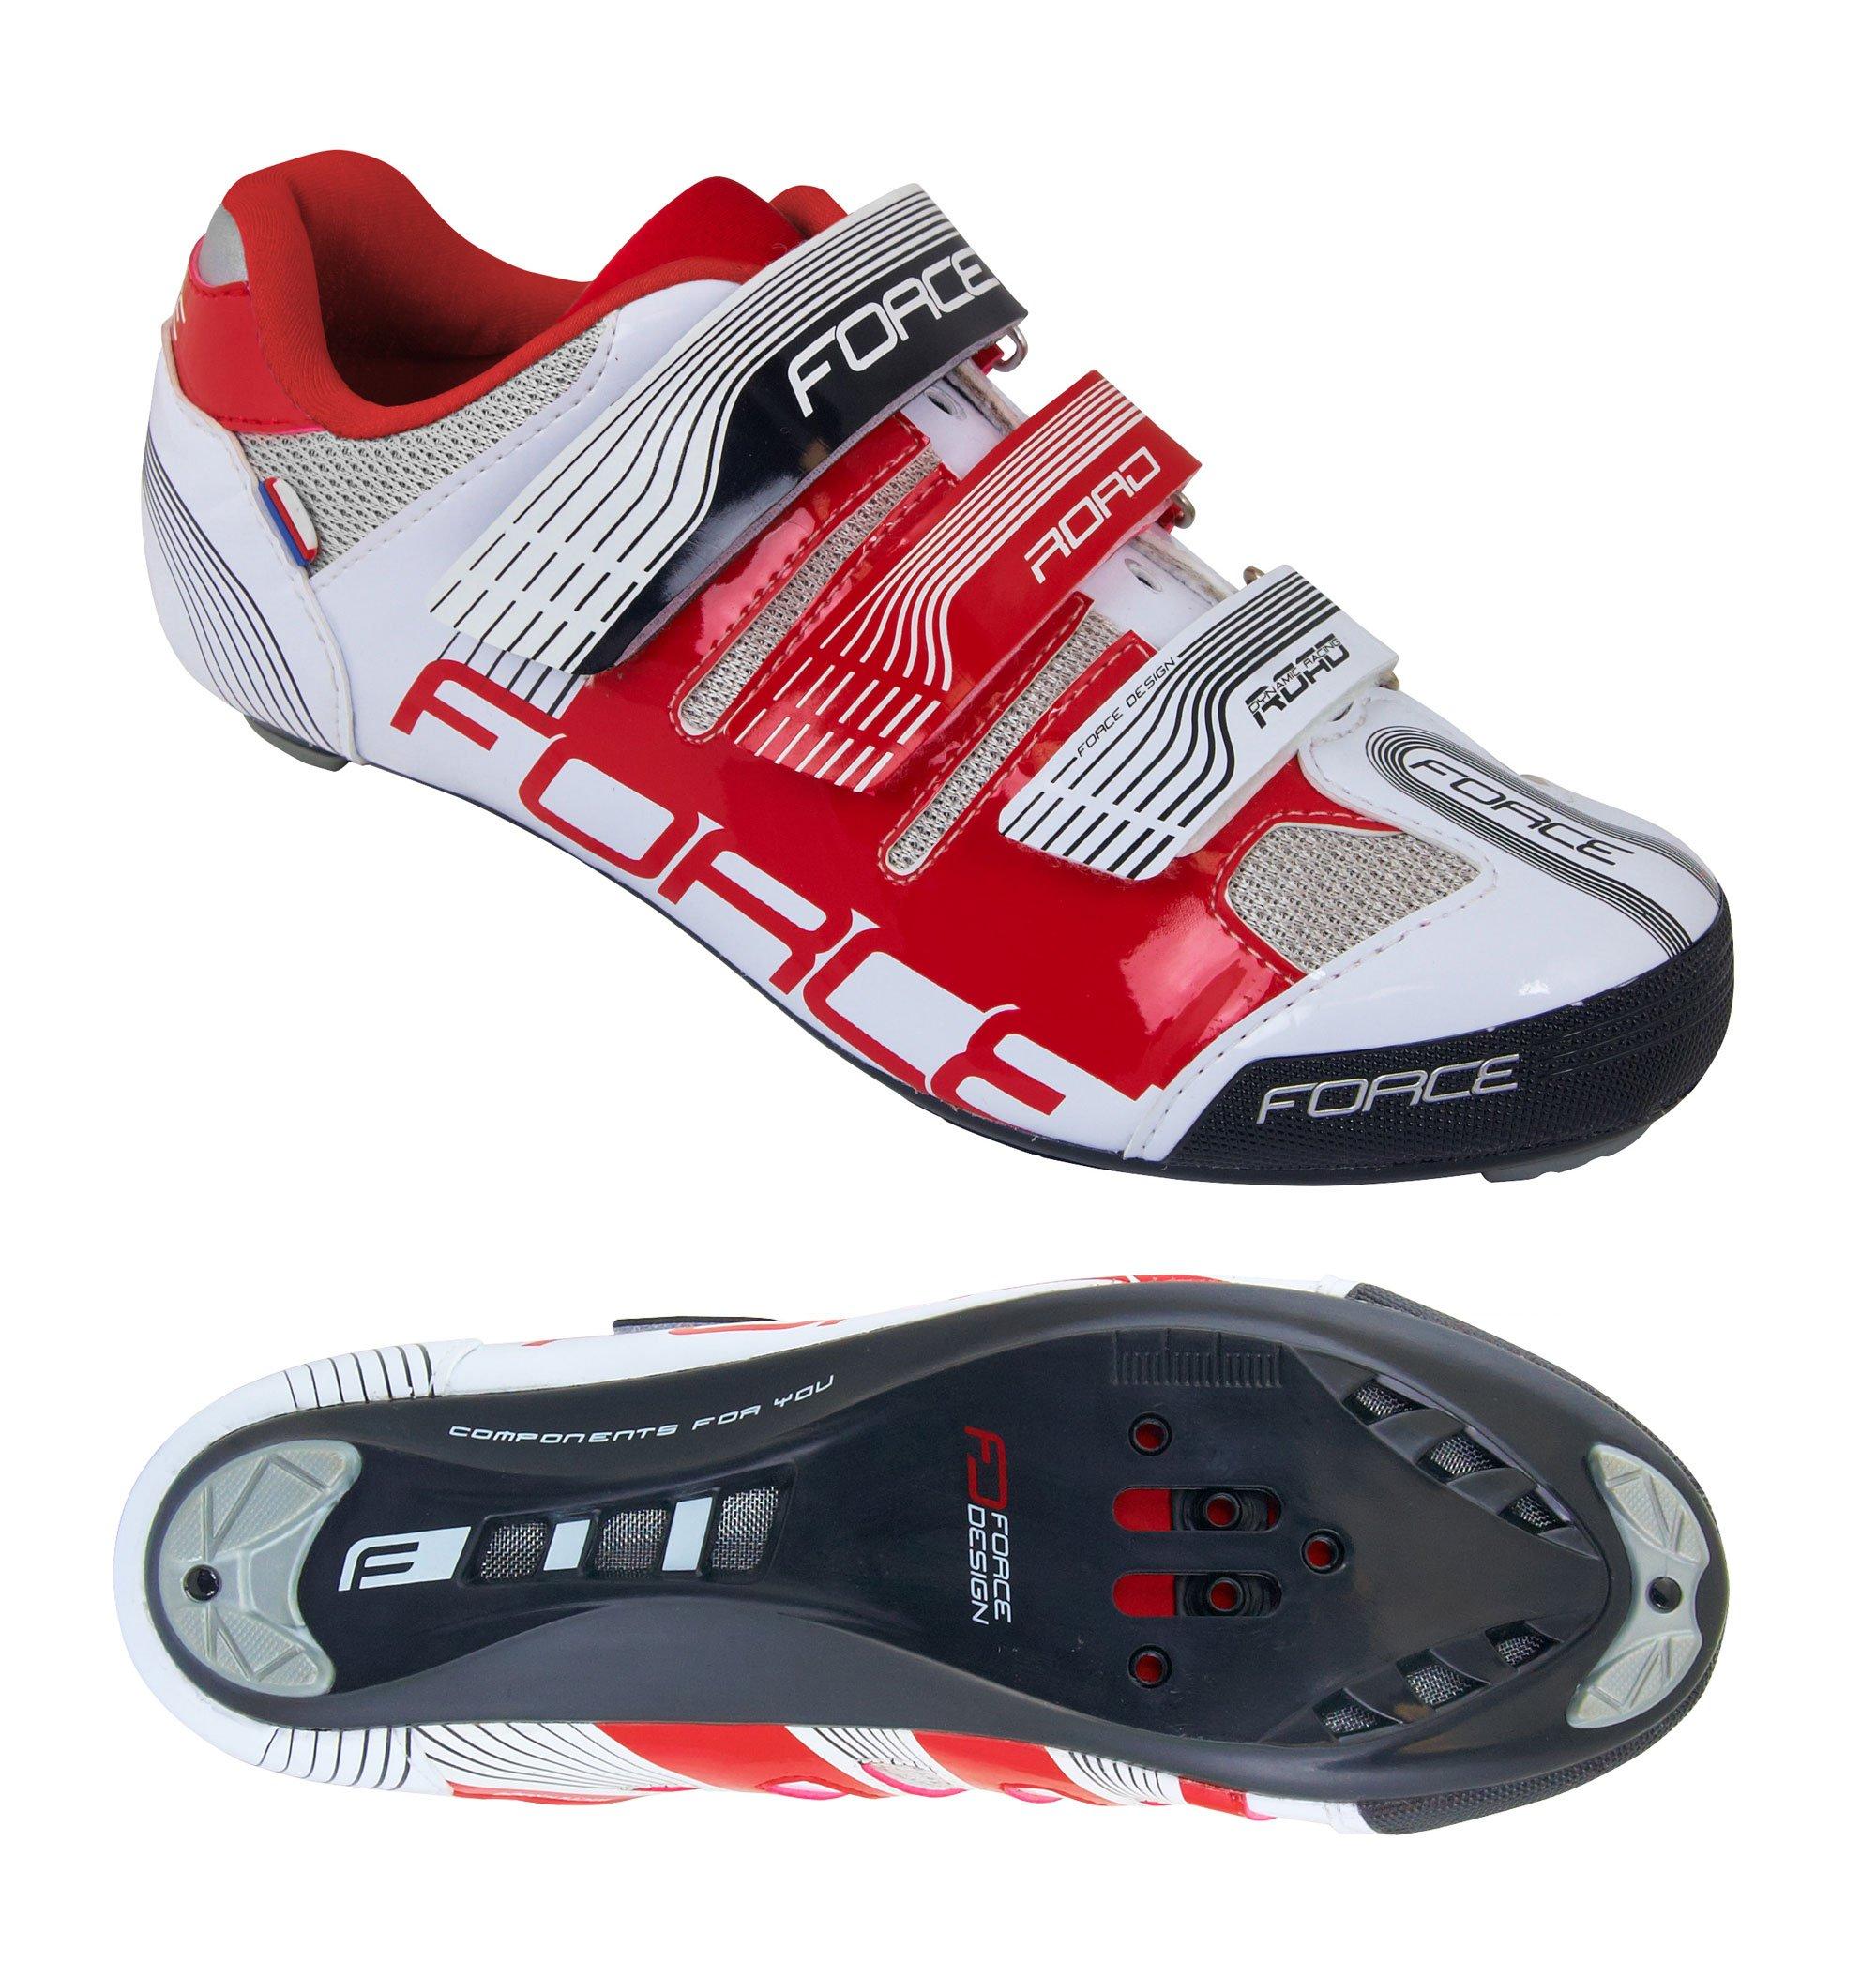 Force Road Spikes cykelsko hvid/rød | Sko